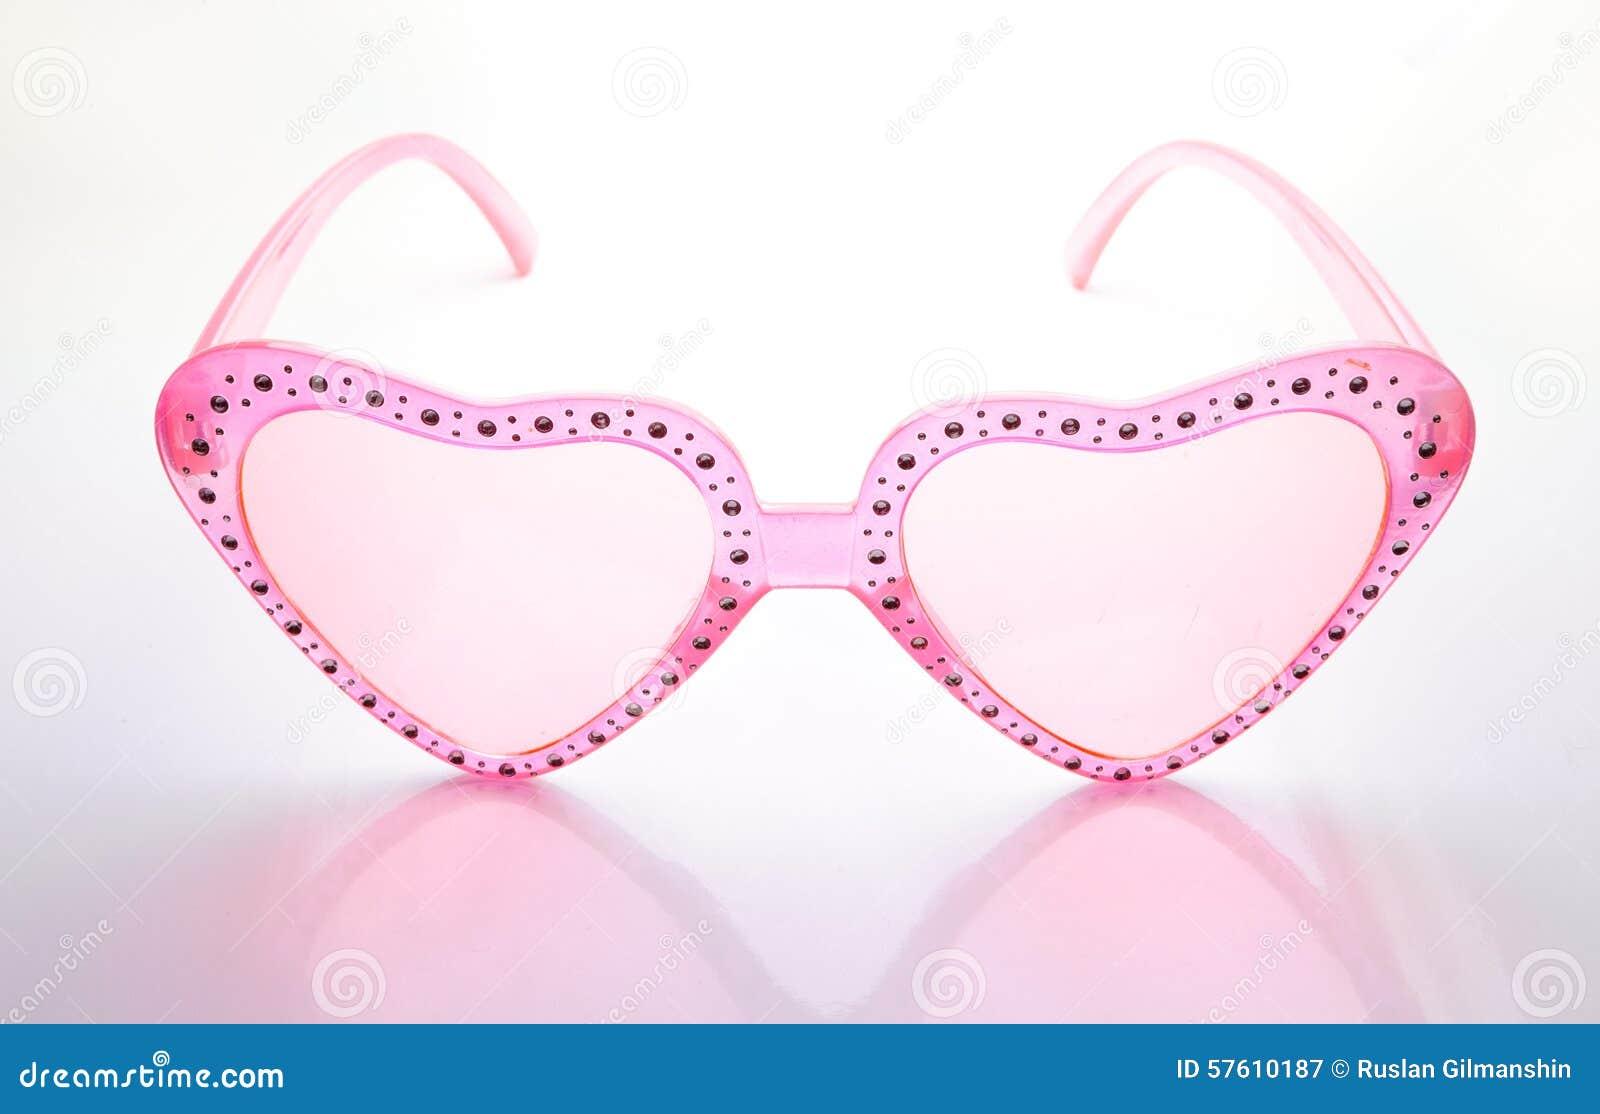 Rosa Hjärta Formad Solglasögon På Vit Bakgrund Fotografering